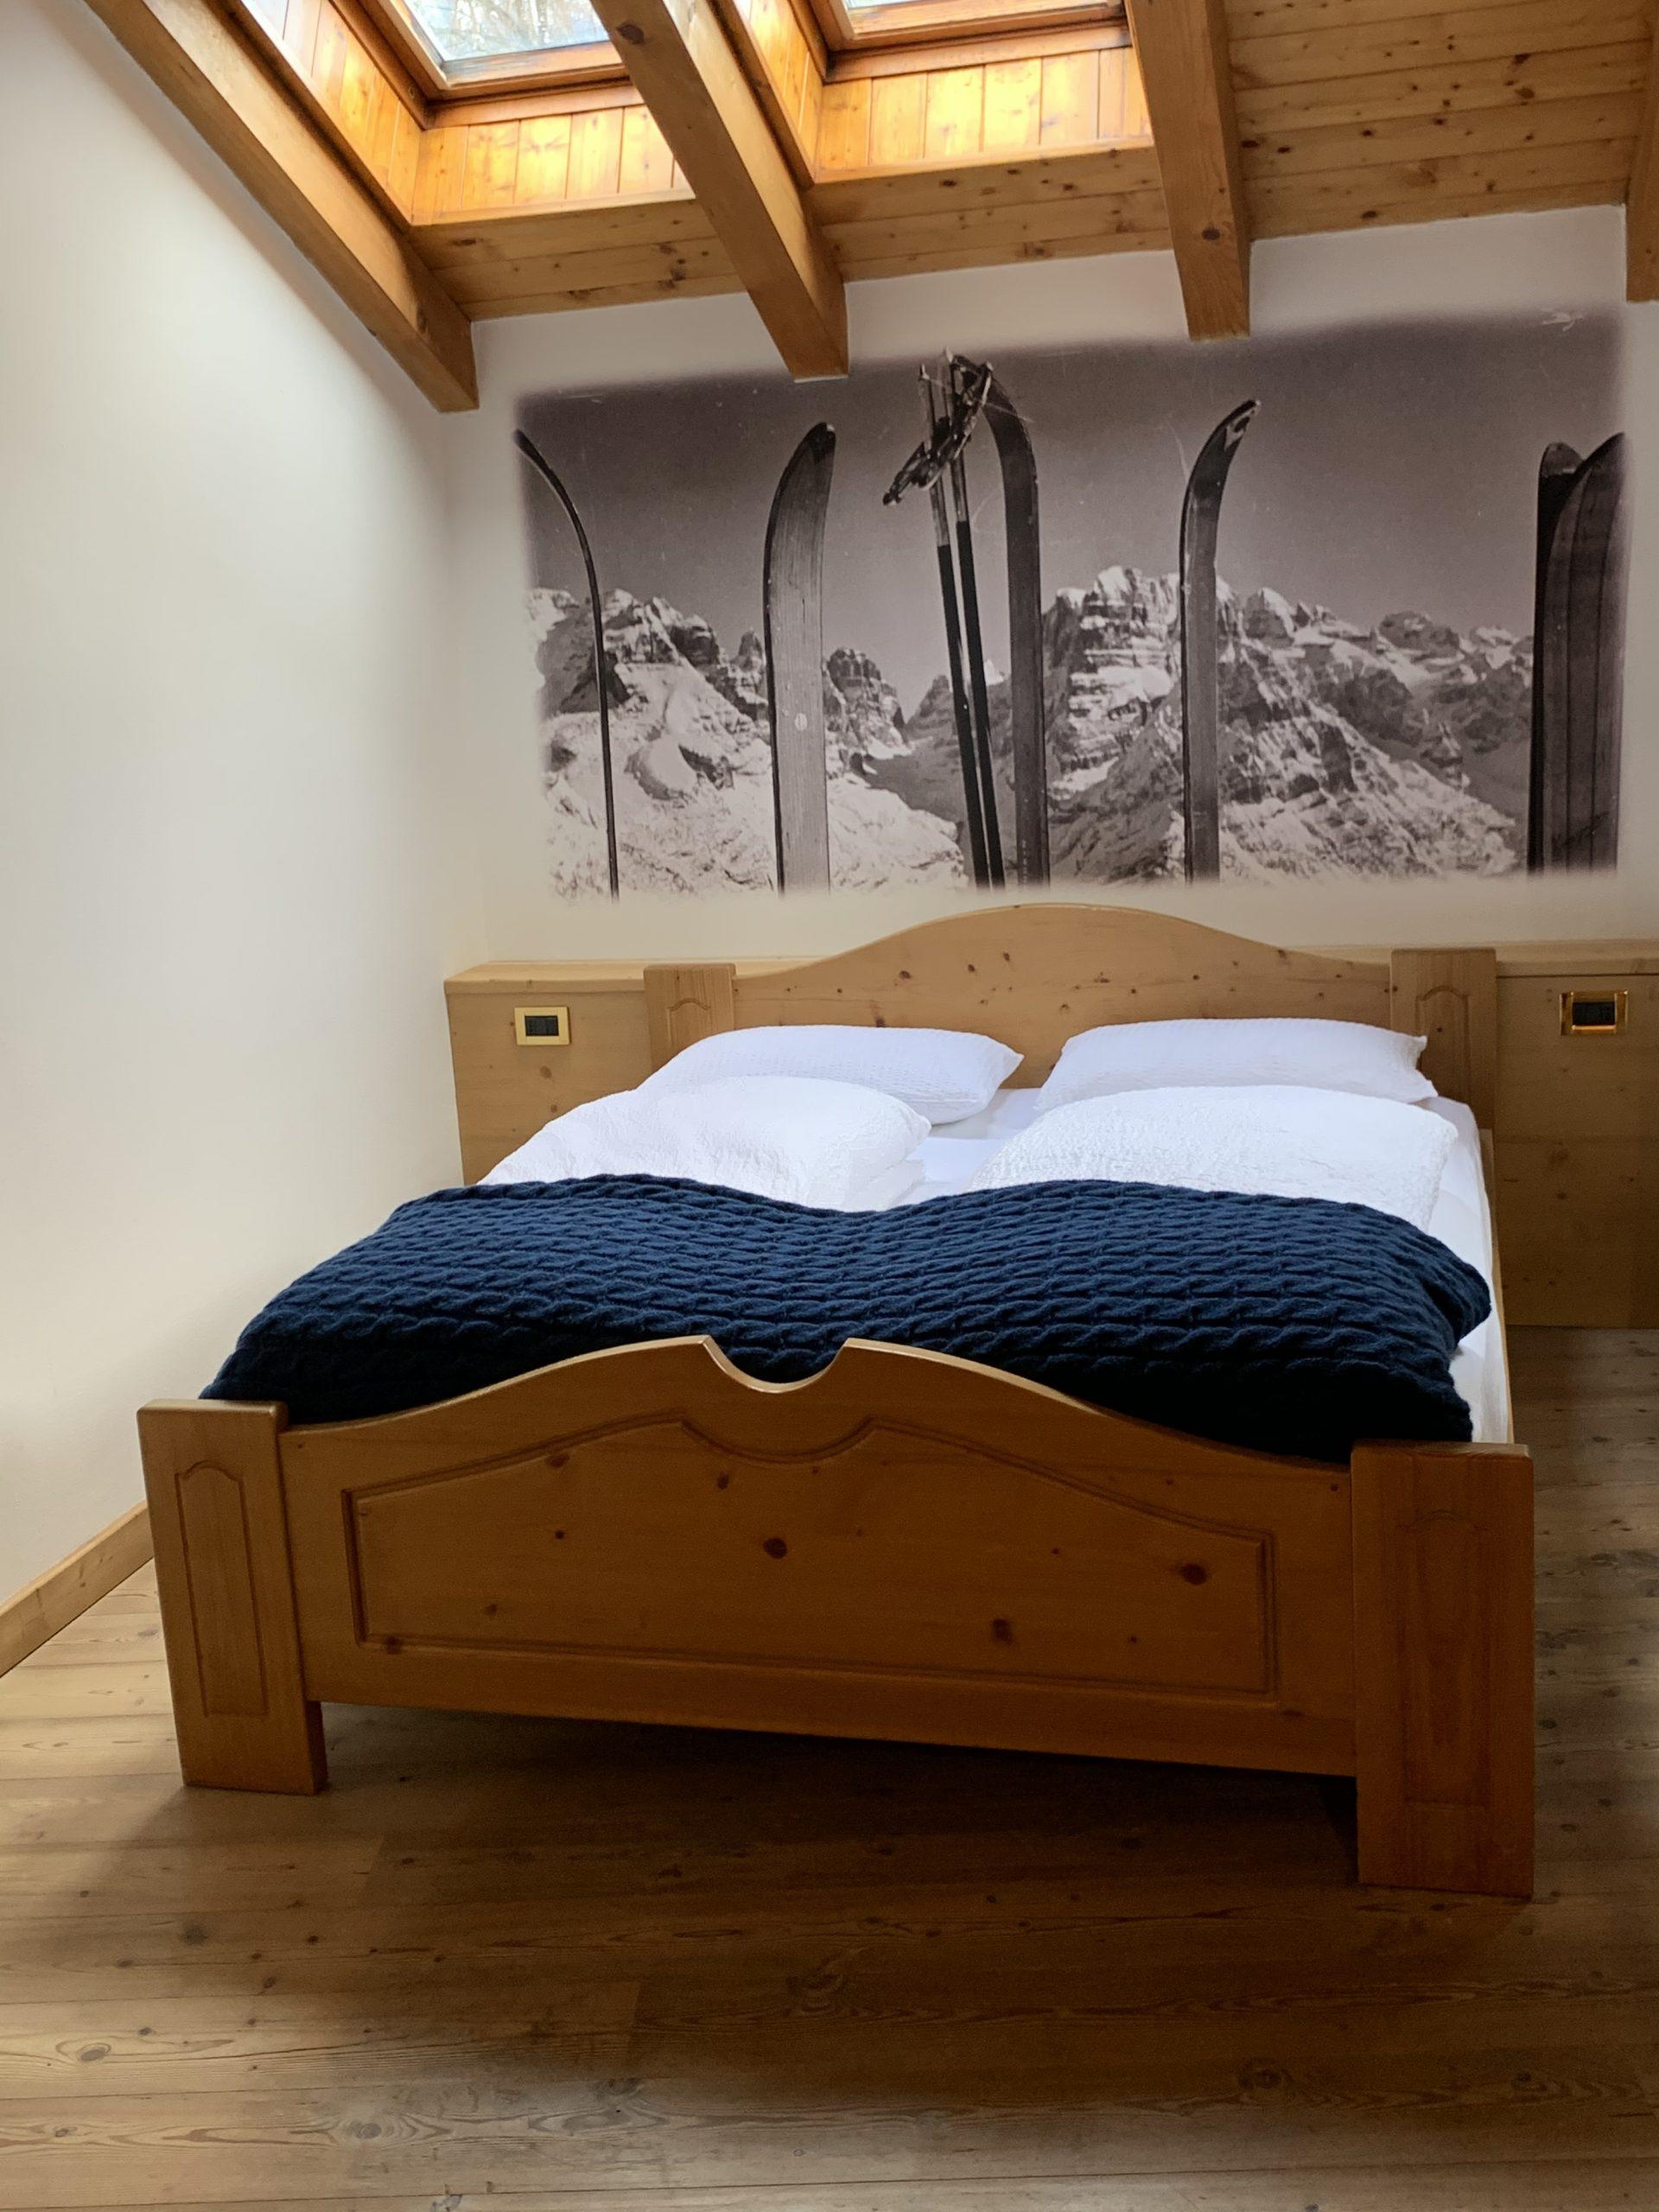 suite di hotel in stile vintage, coperta in lana a trecce cobalto